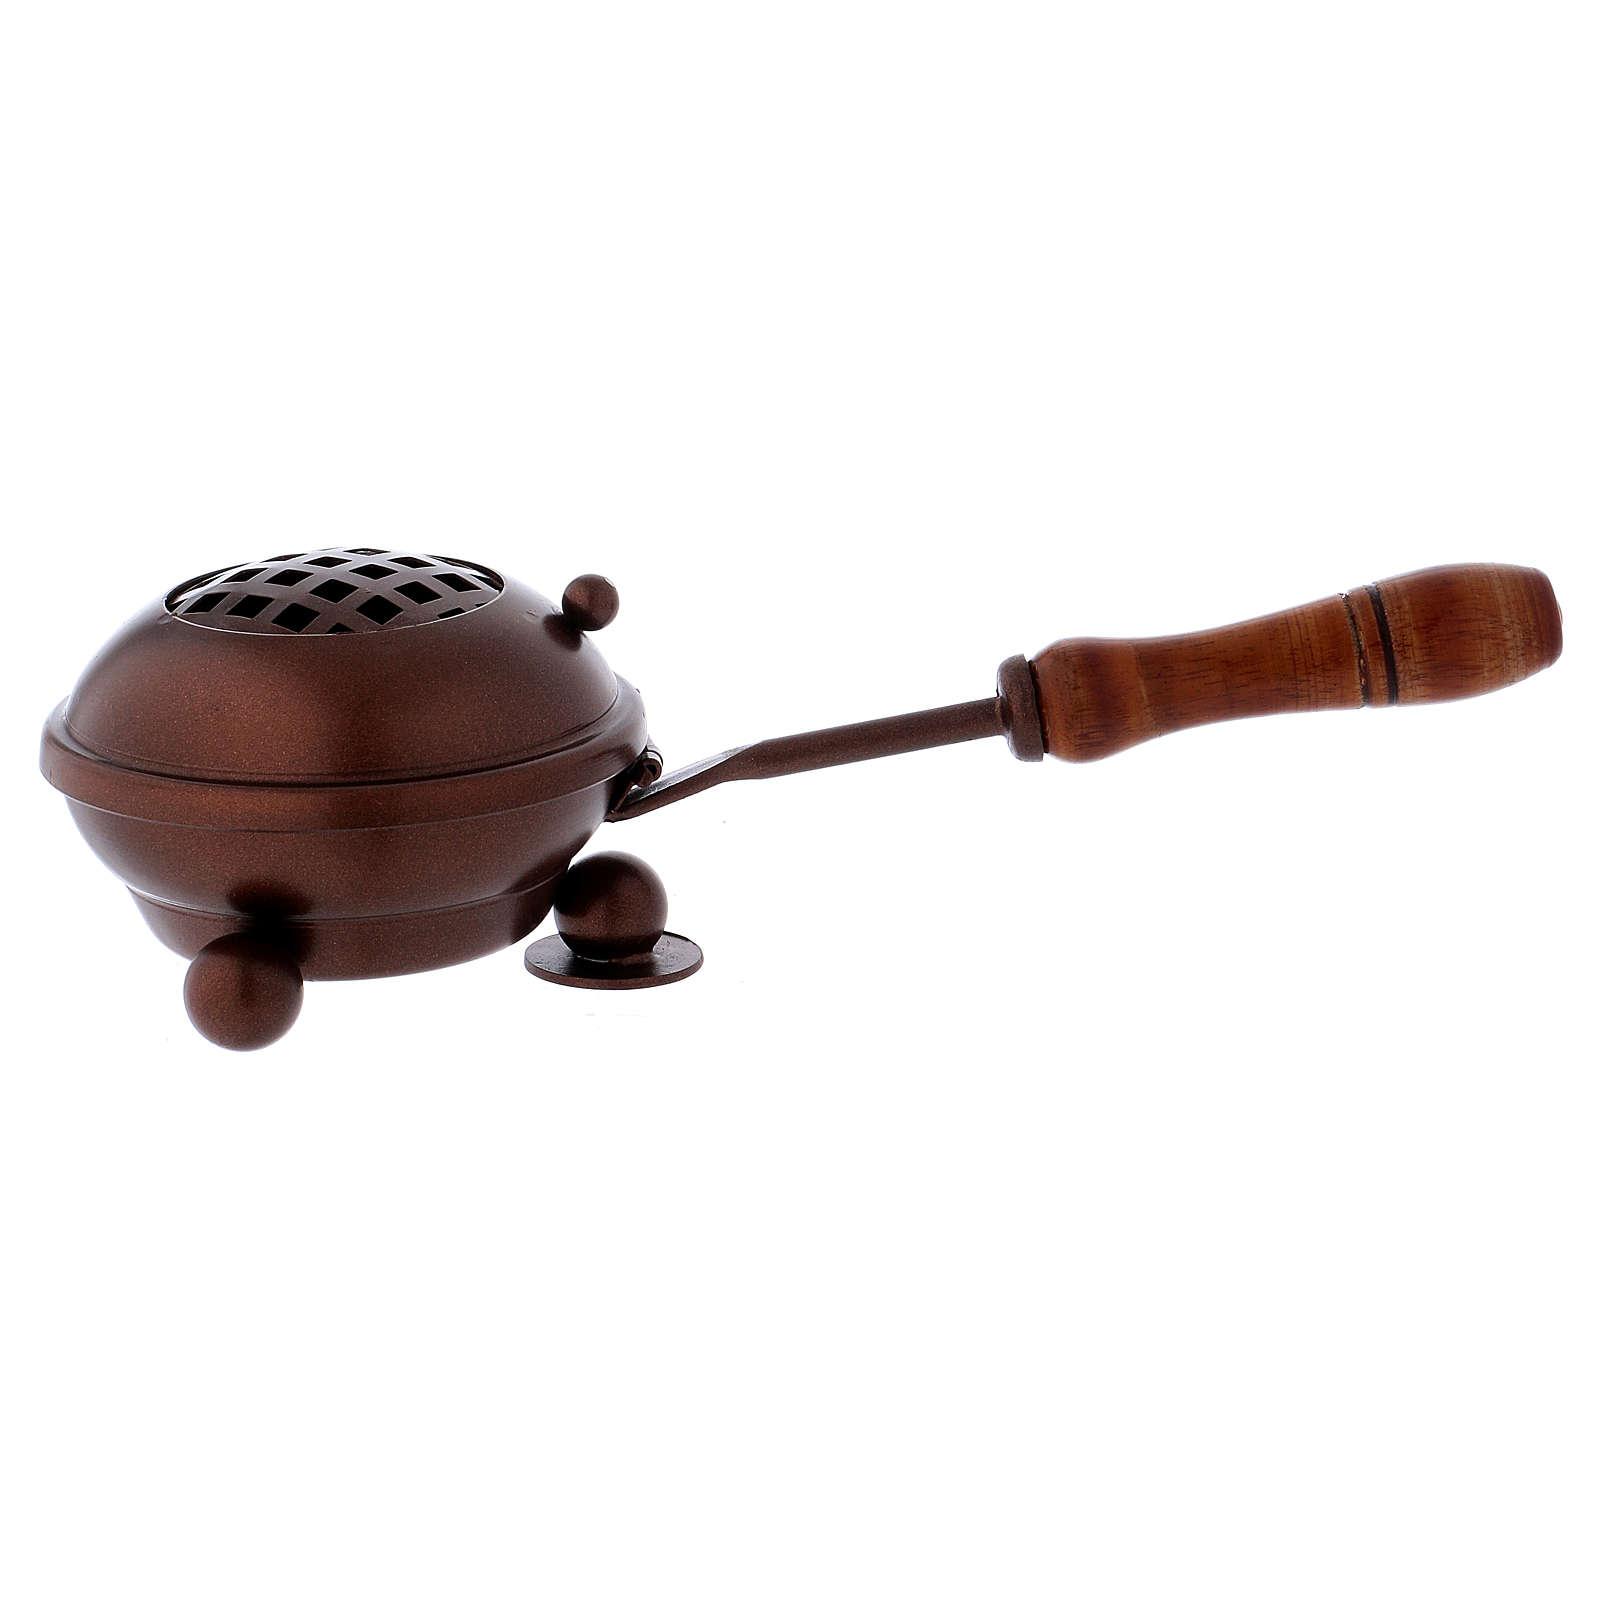 Räucherschale Topf Form Eisen Kupfer Finish mit Holz Griff 3